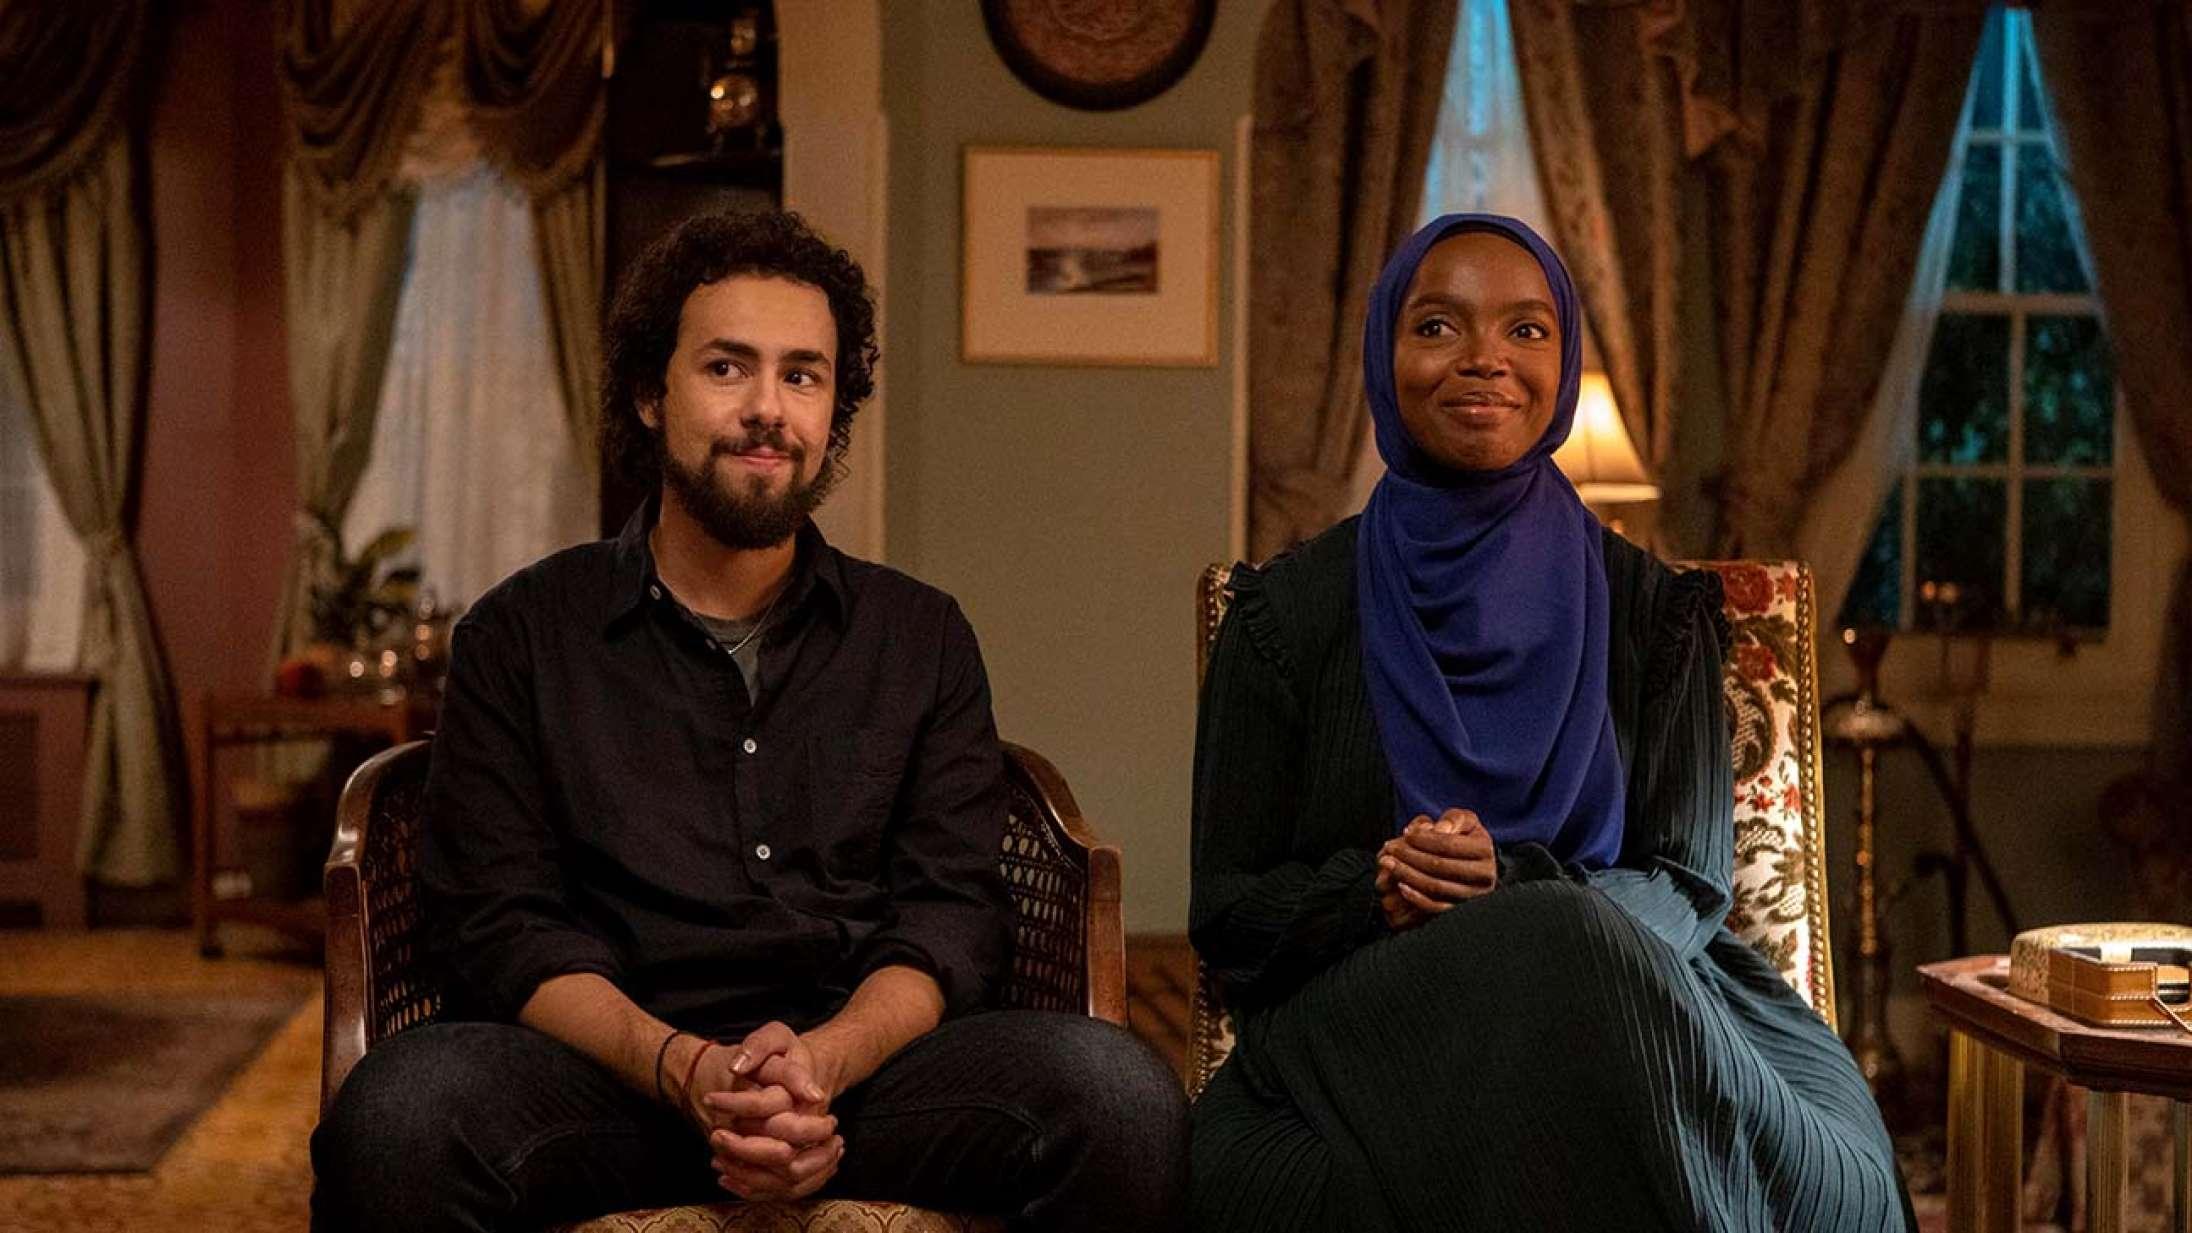 'Ramy' sæson 2: Mørk opfølger til Golden Globe-vinder er få centimeter fra at være et moderne seriemesterværk